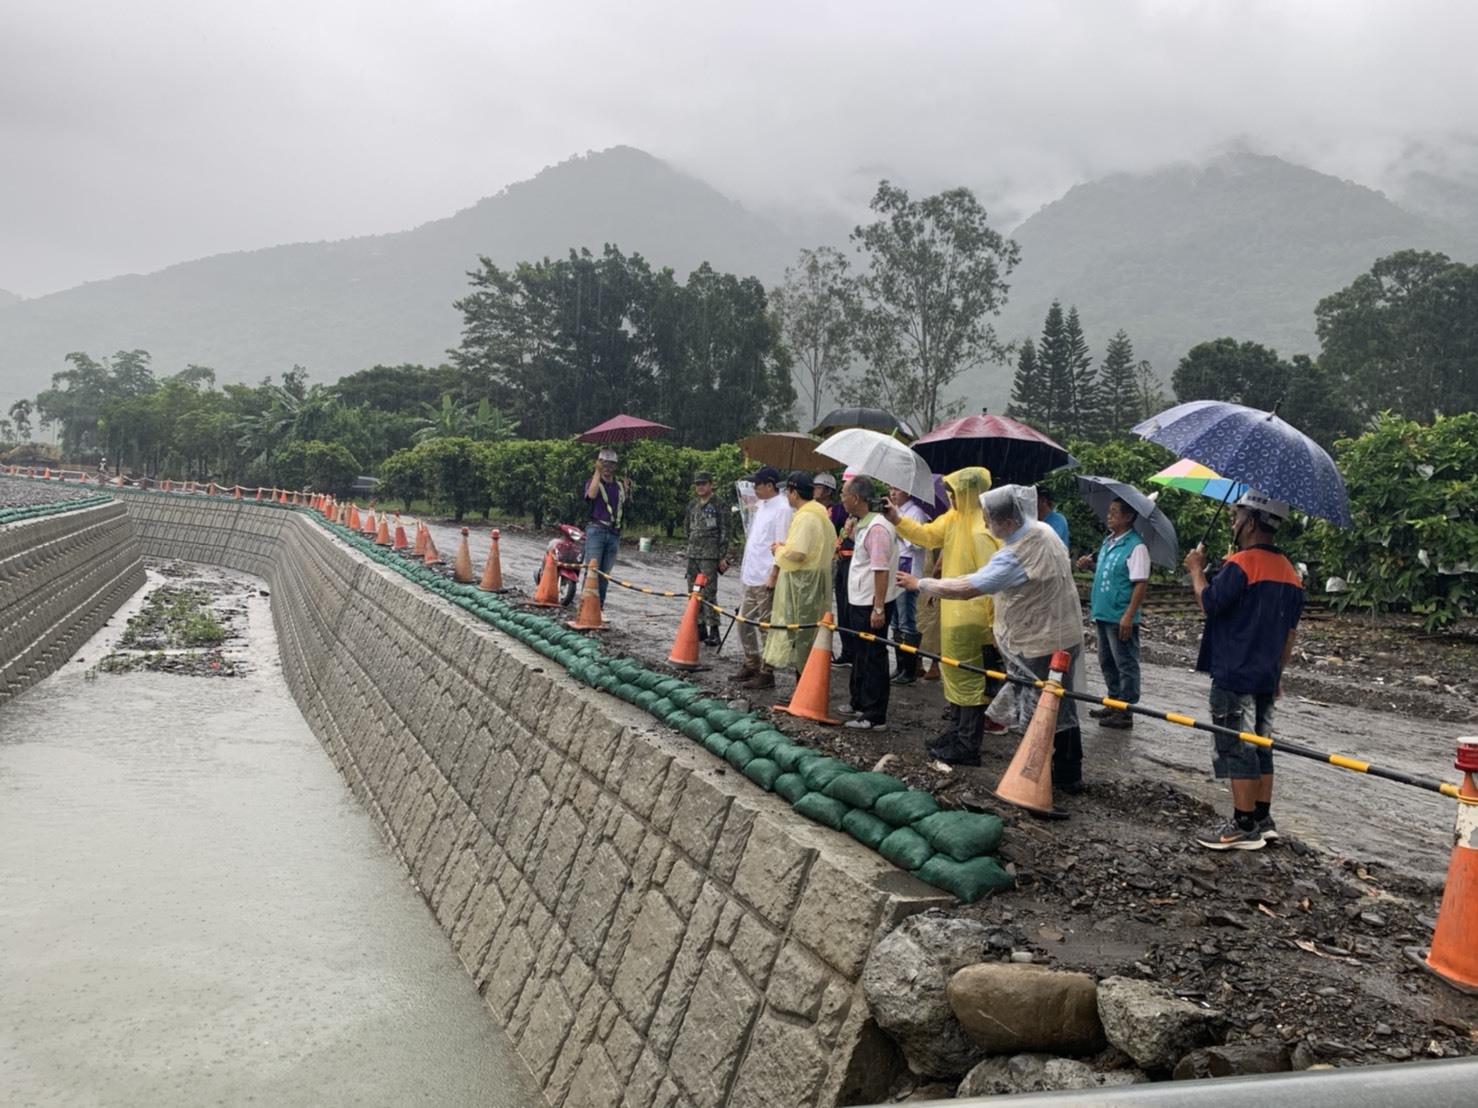 趕在豪雨前,陳其邁一早視察六龜防災工程  陳市長指示:市府團隊持續警戒並加強巡視